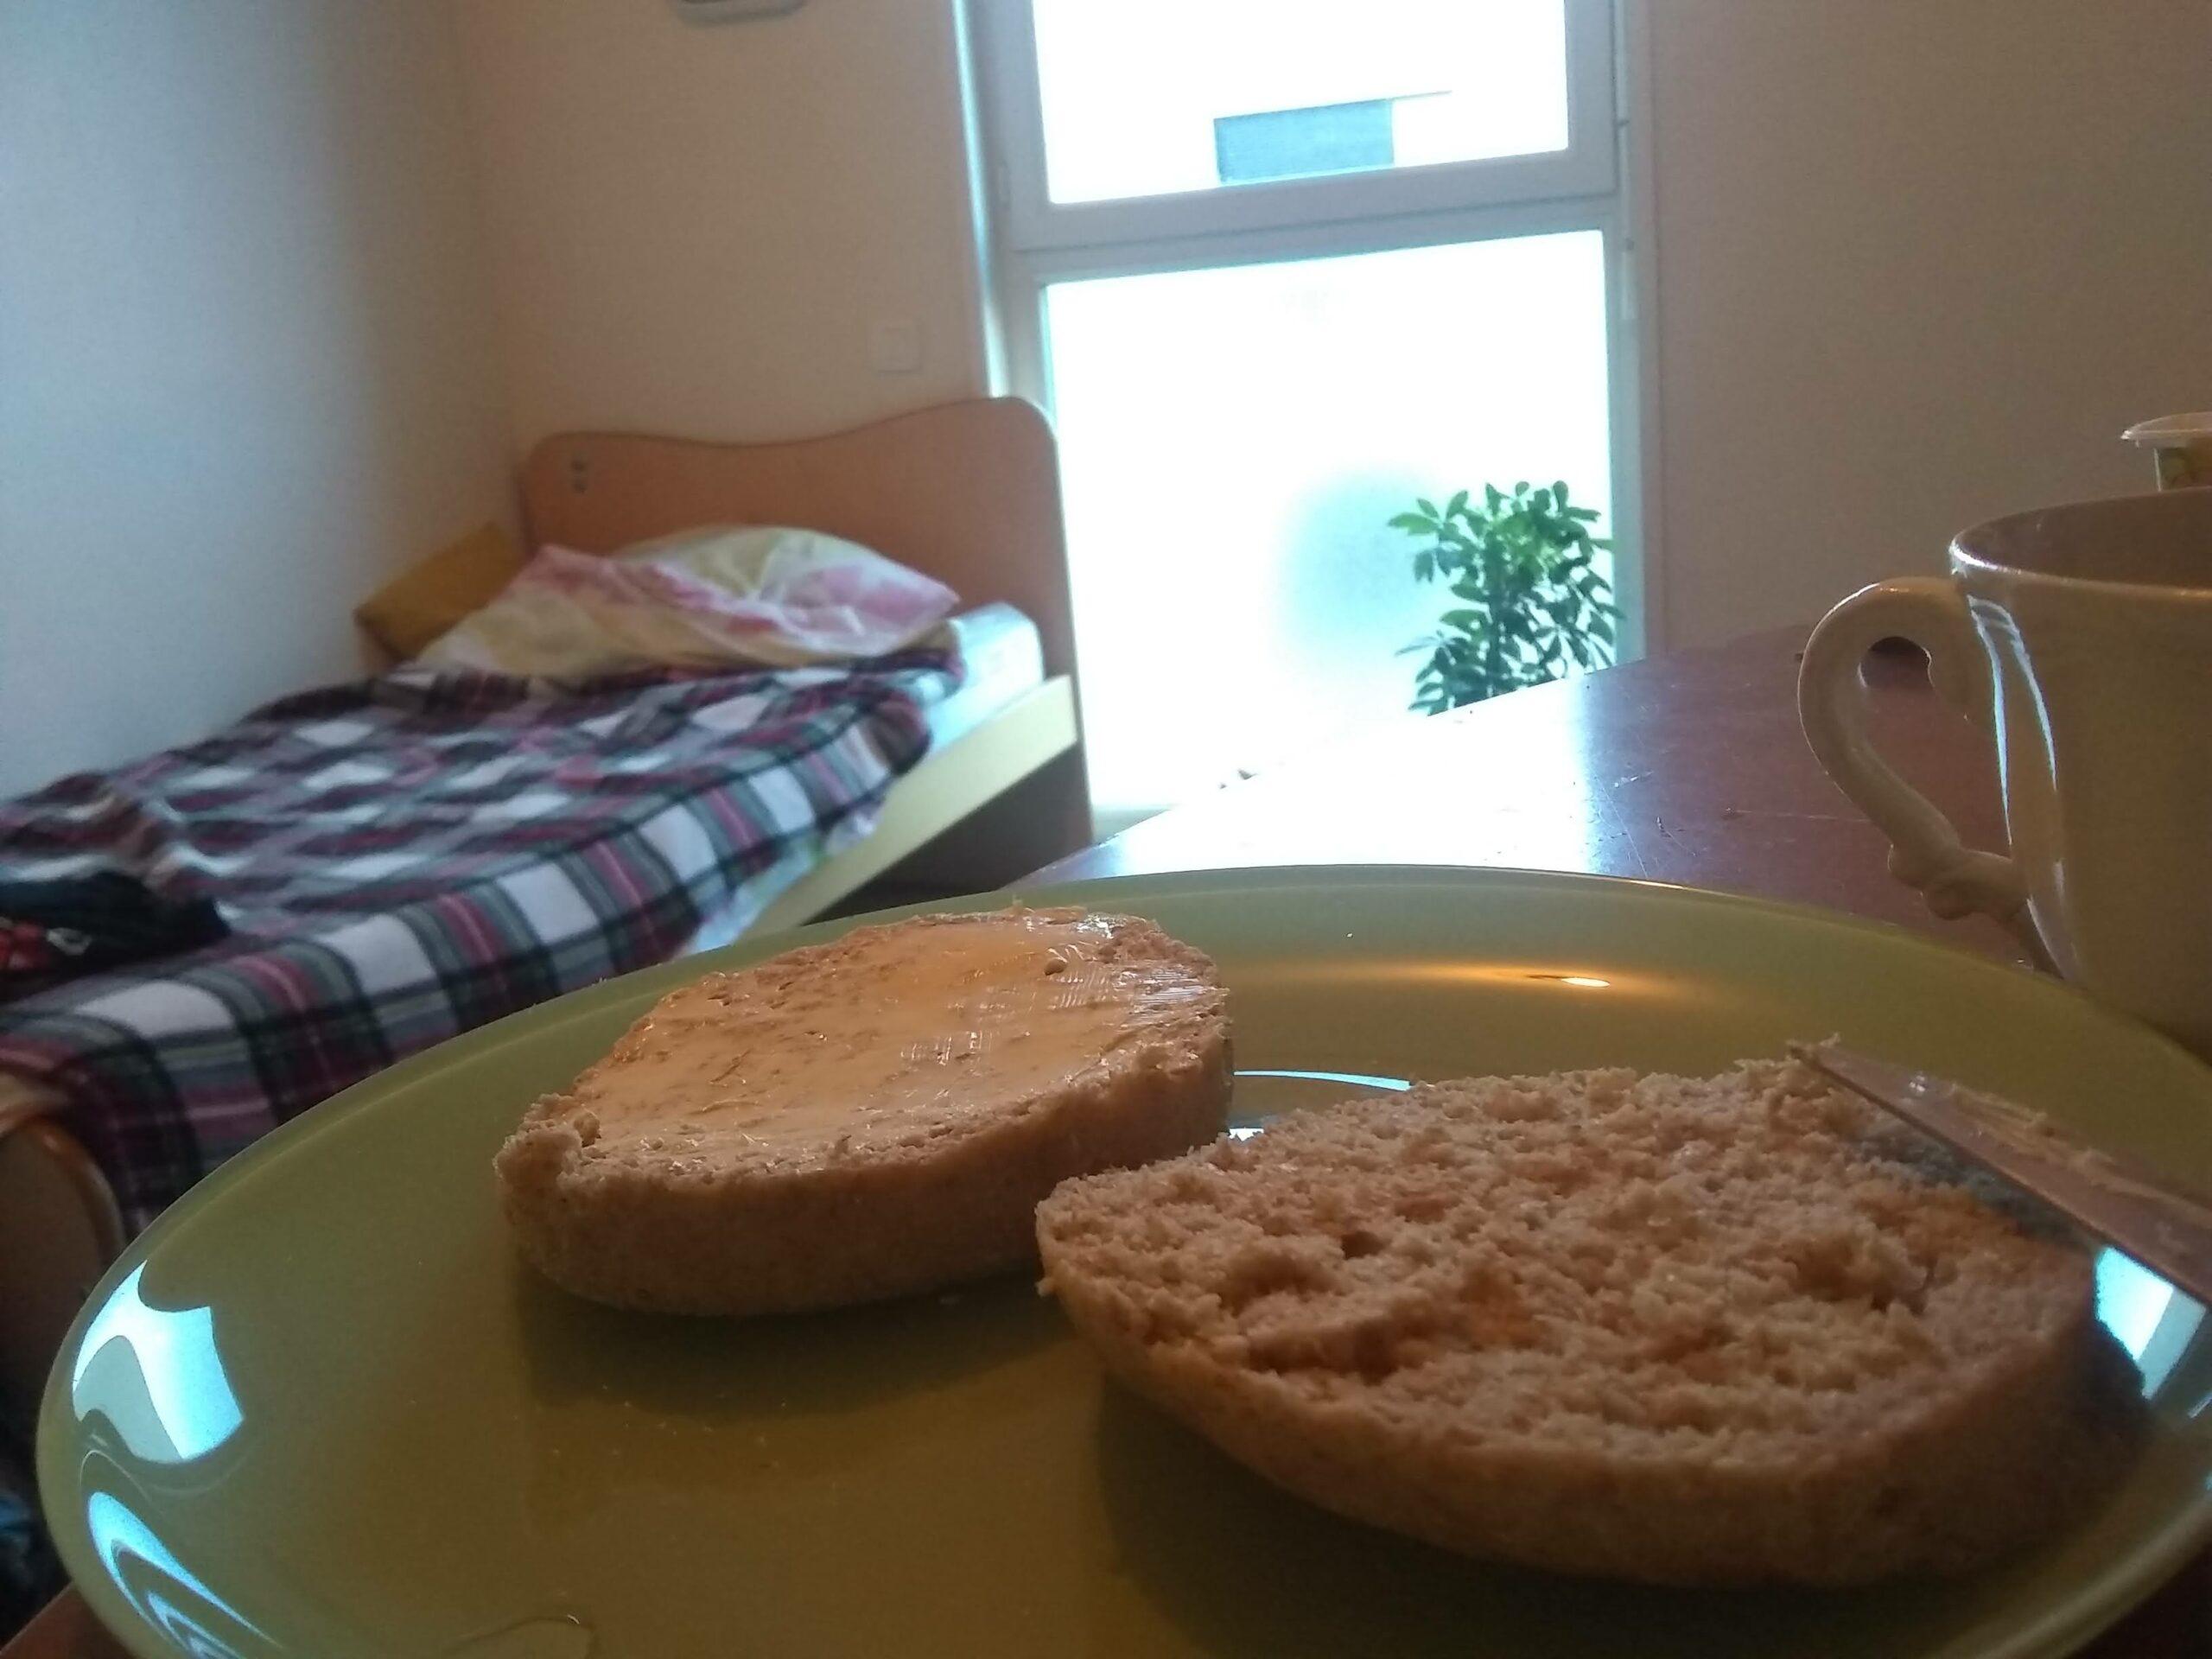 Margarine sur des tranches de pain, même les repas sont monotones dans l'appartement